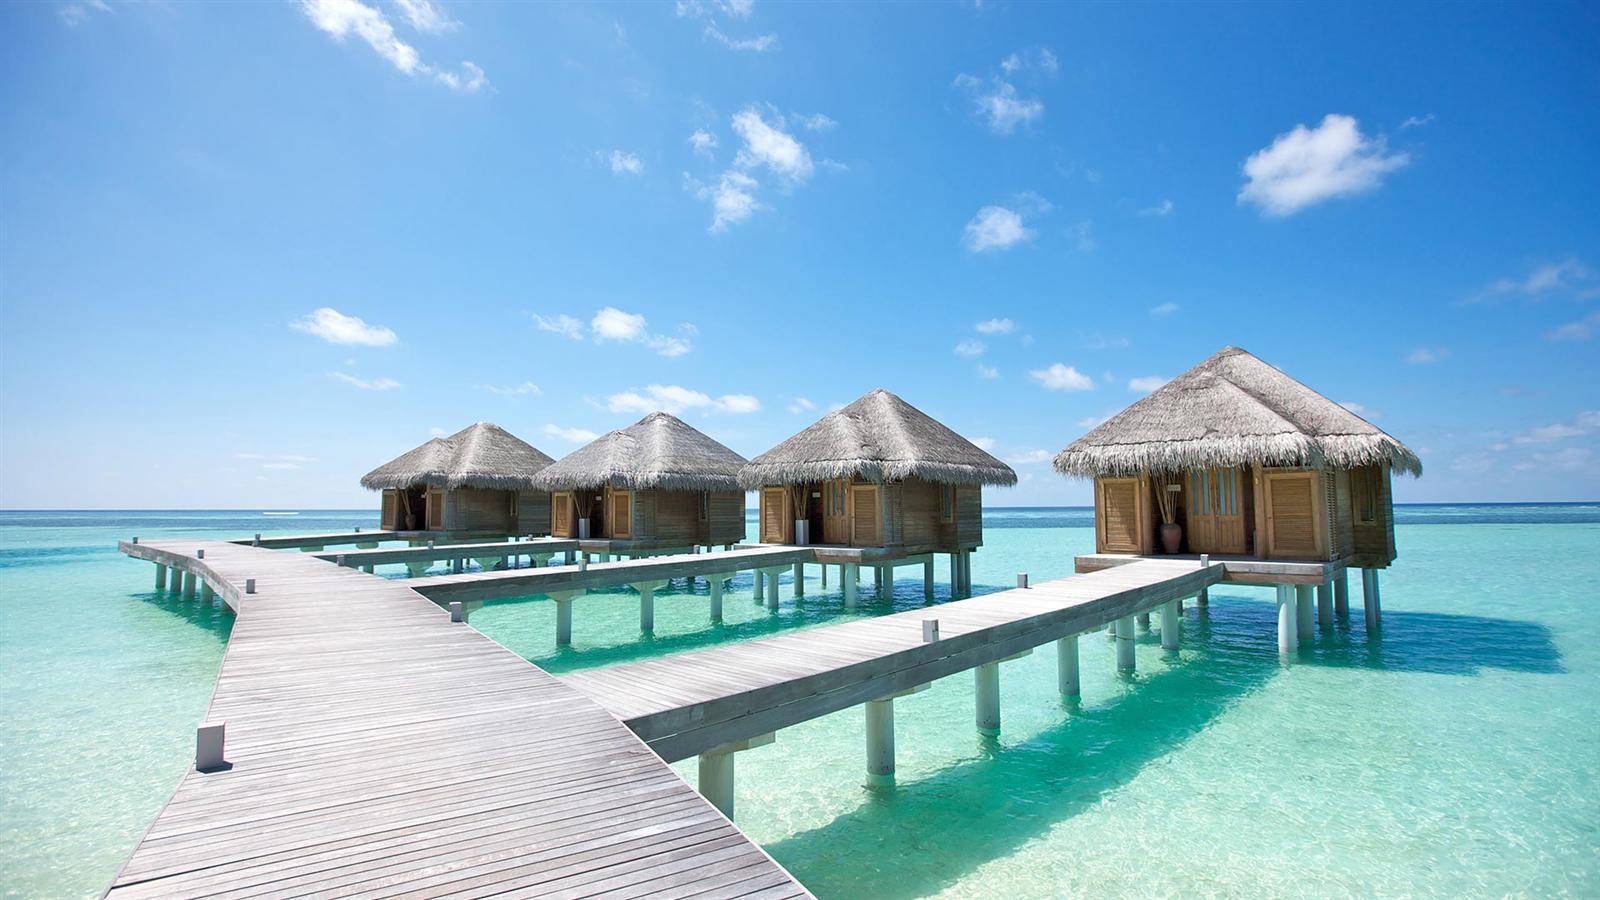 MALDIVES – THIÊN ĐƯỜNG CỦA THIÊN ĐƯỜNG